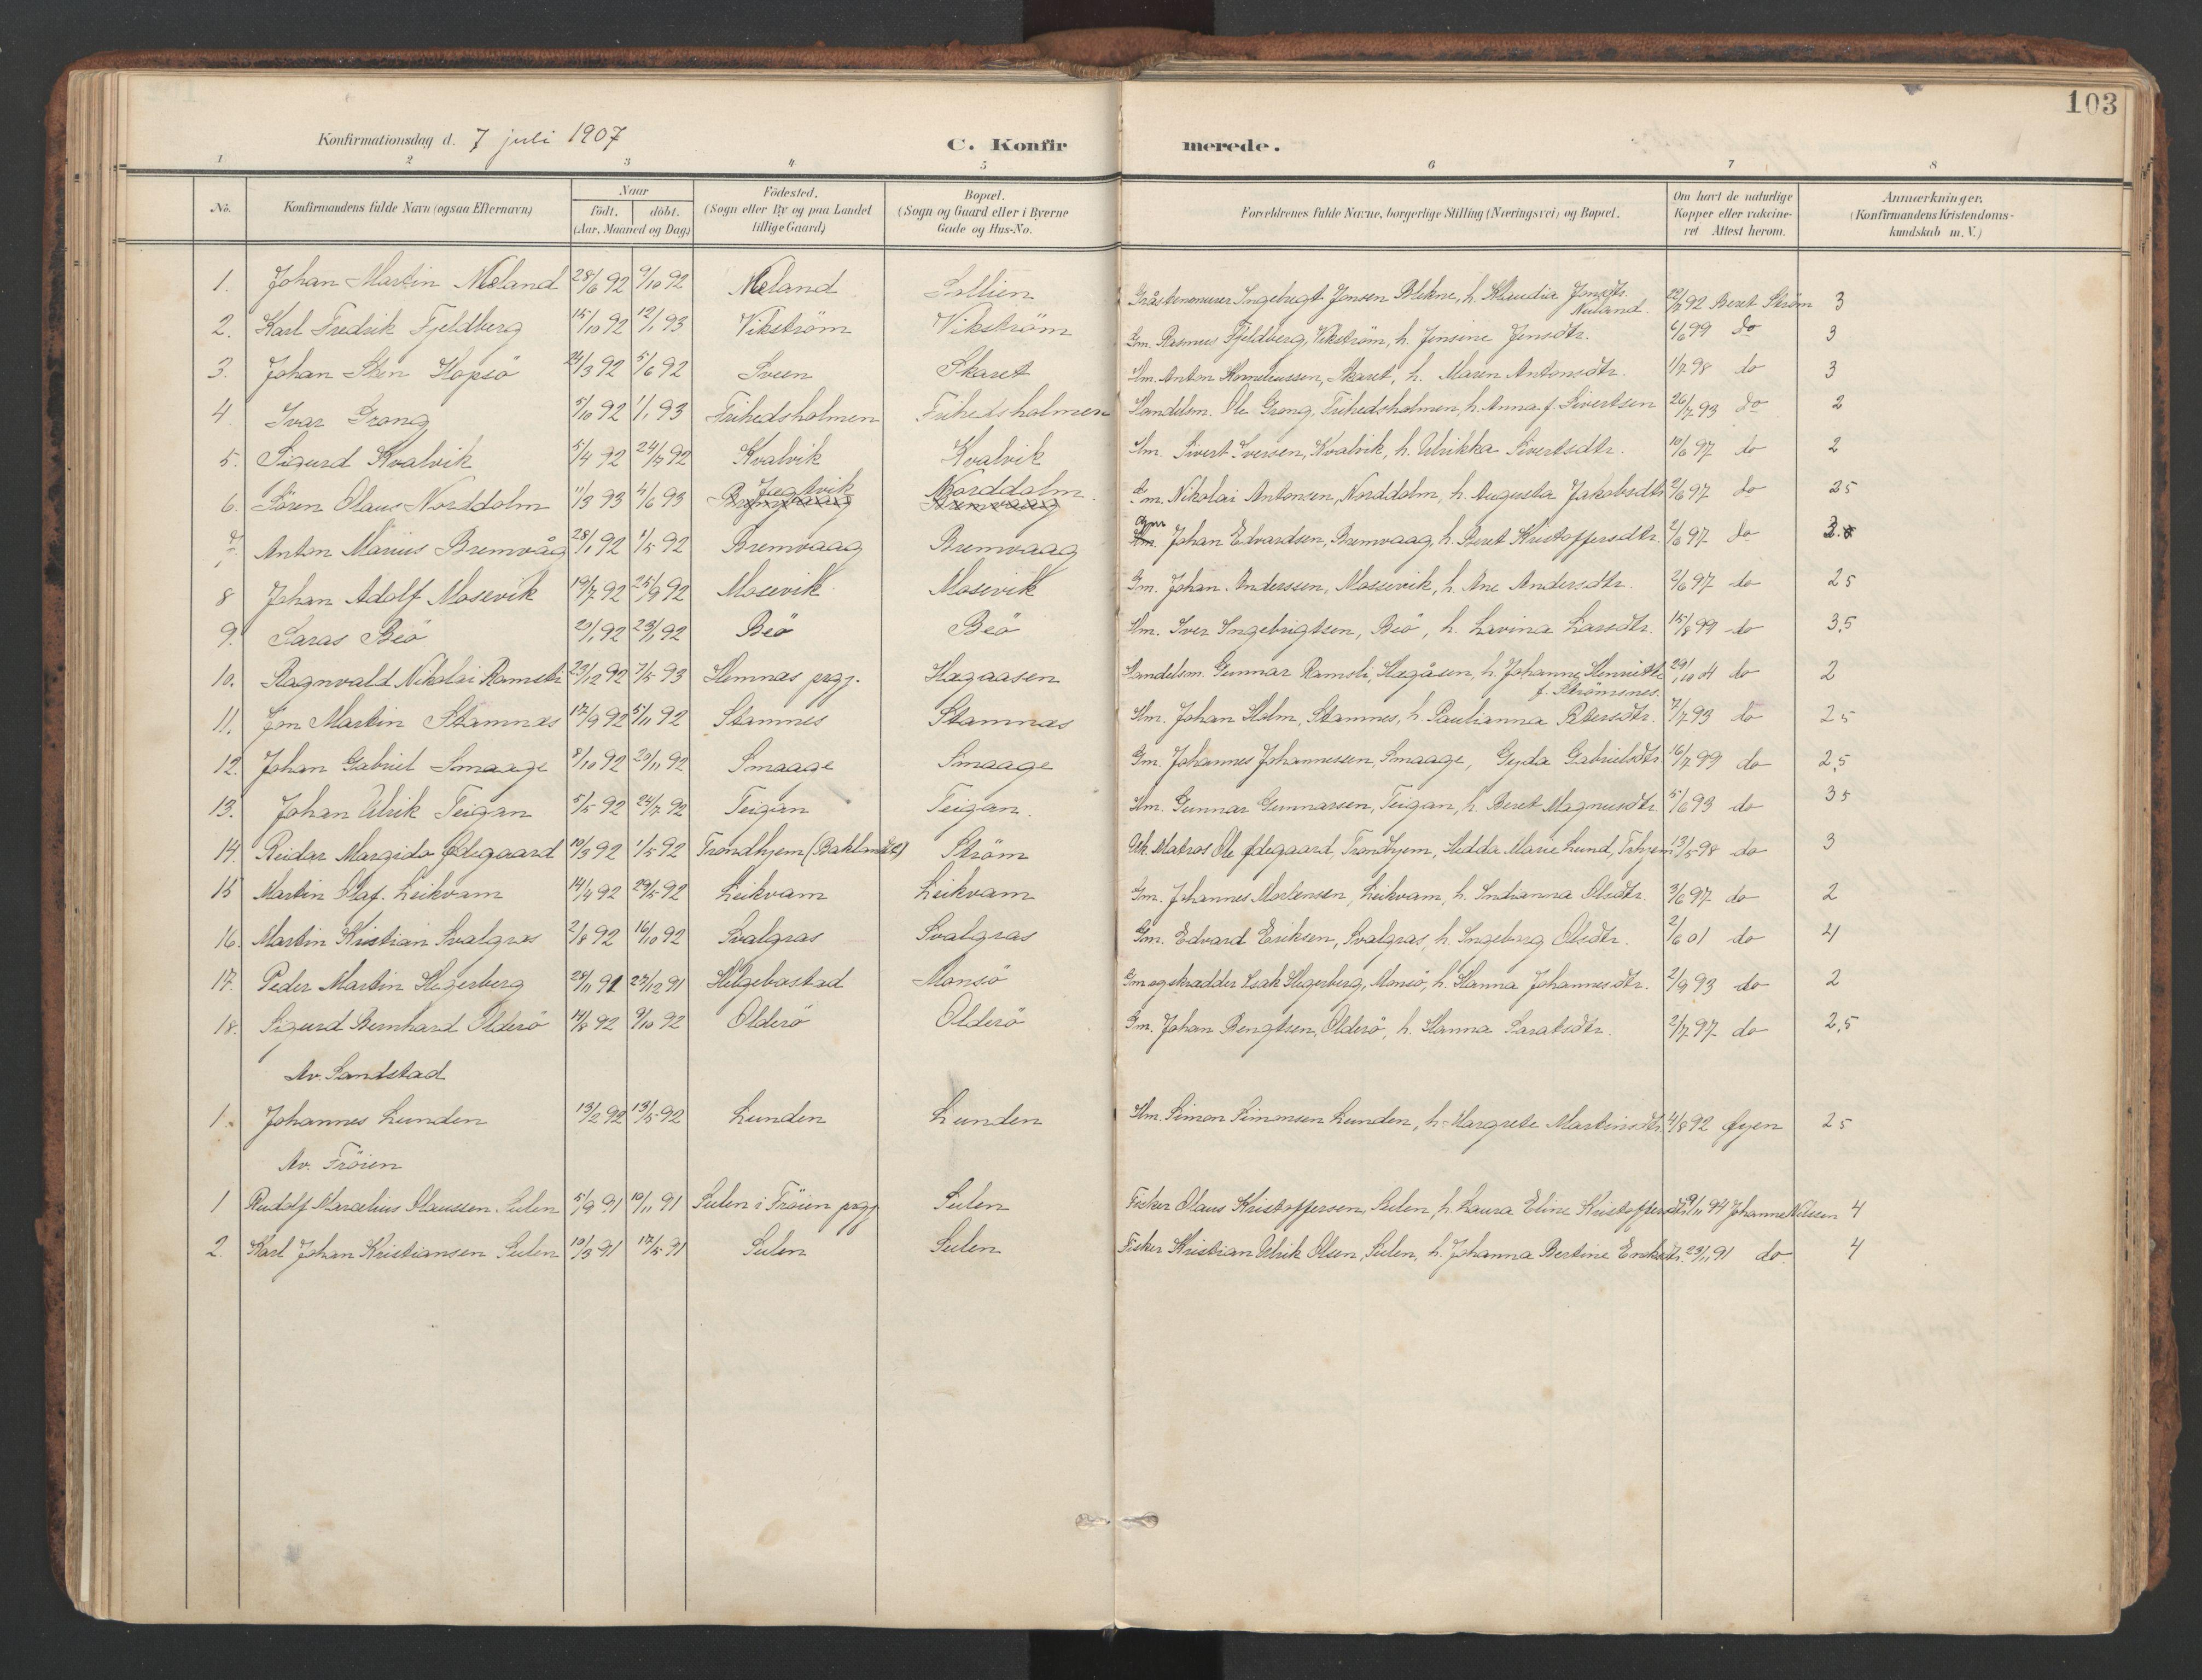 SAT, Ministerialprotokoller, klokkerbøker og fødselsregistre - Sør-Trøndelag, 634/L0537: Ministerialbok nr. 634A13, 1896-1922, s. 103